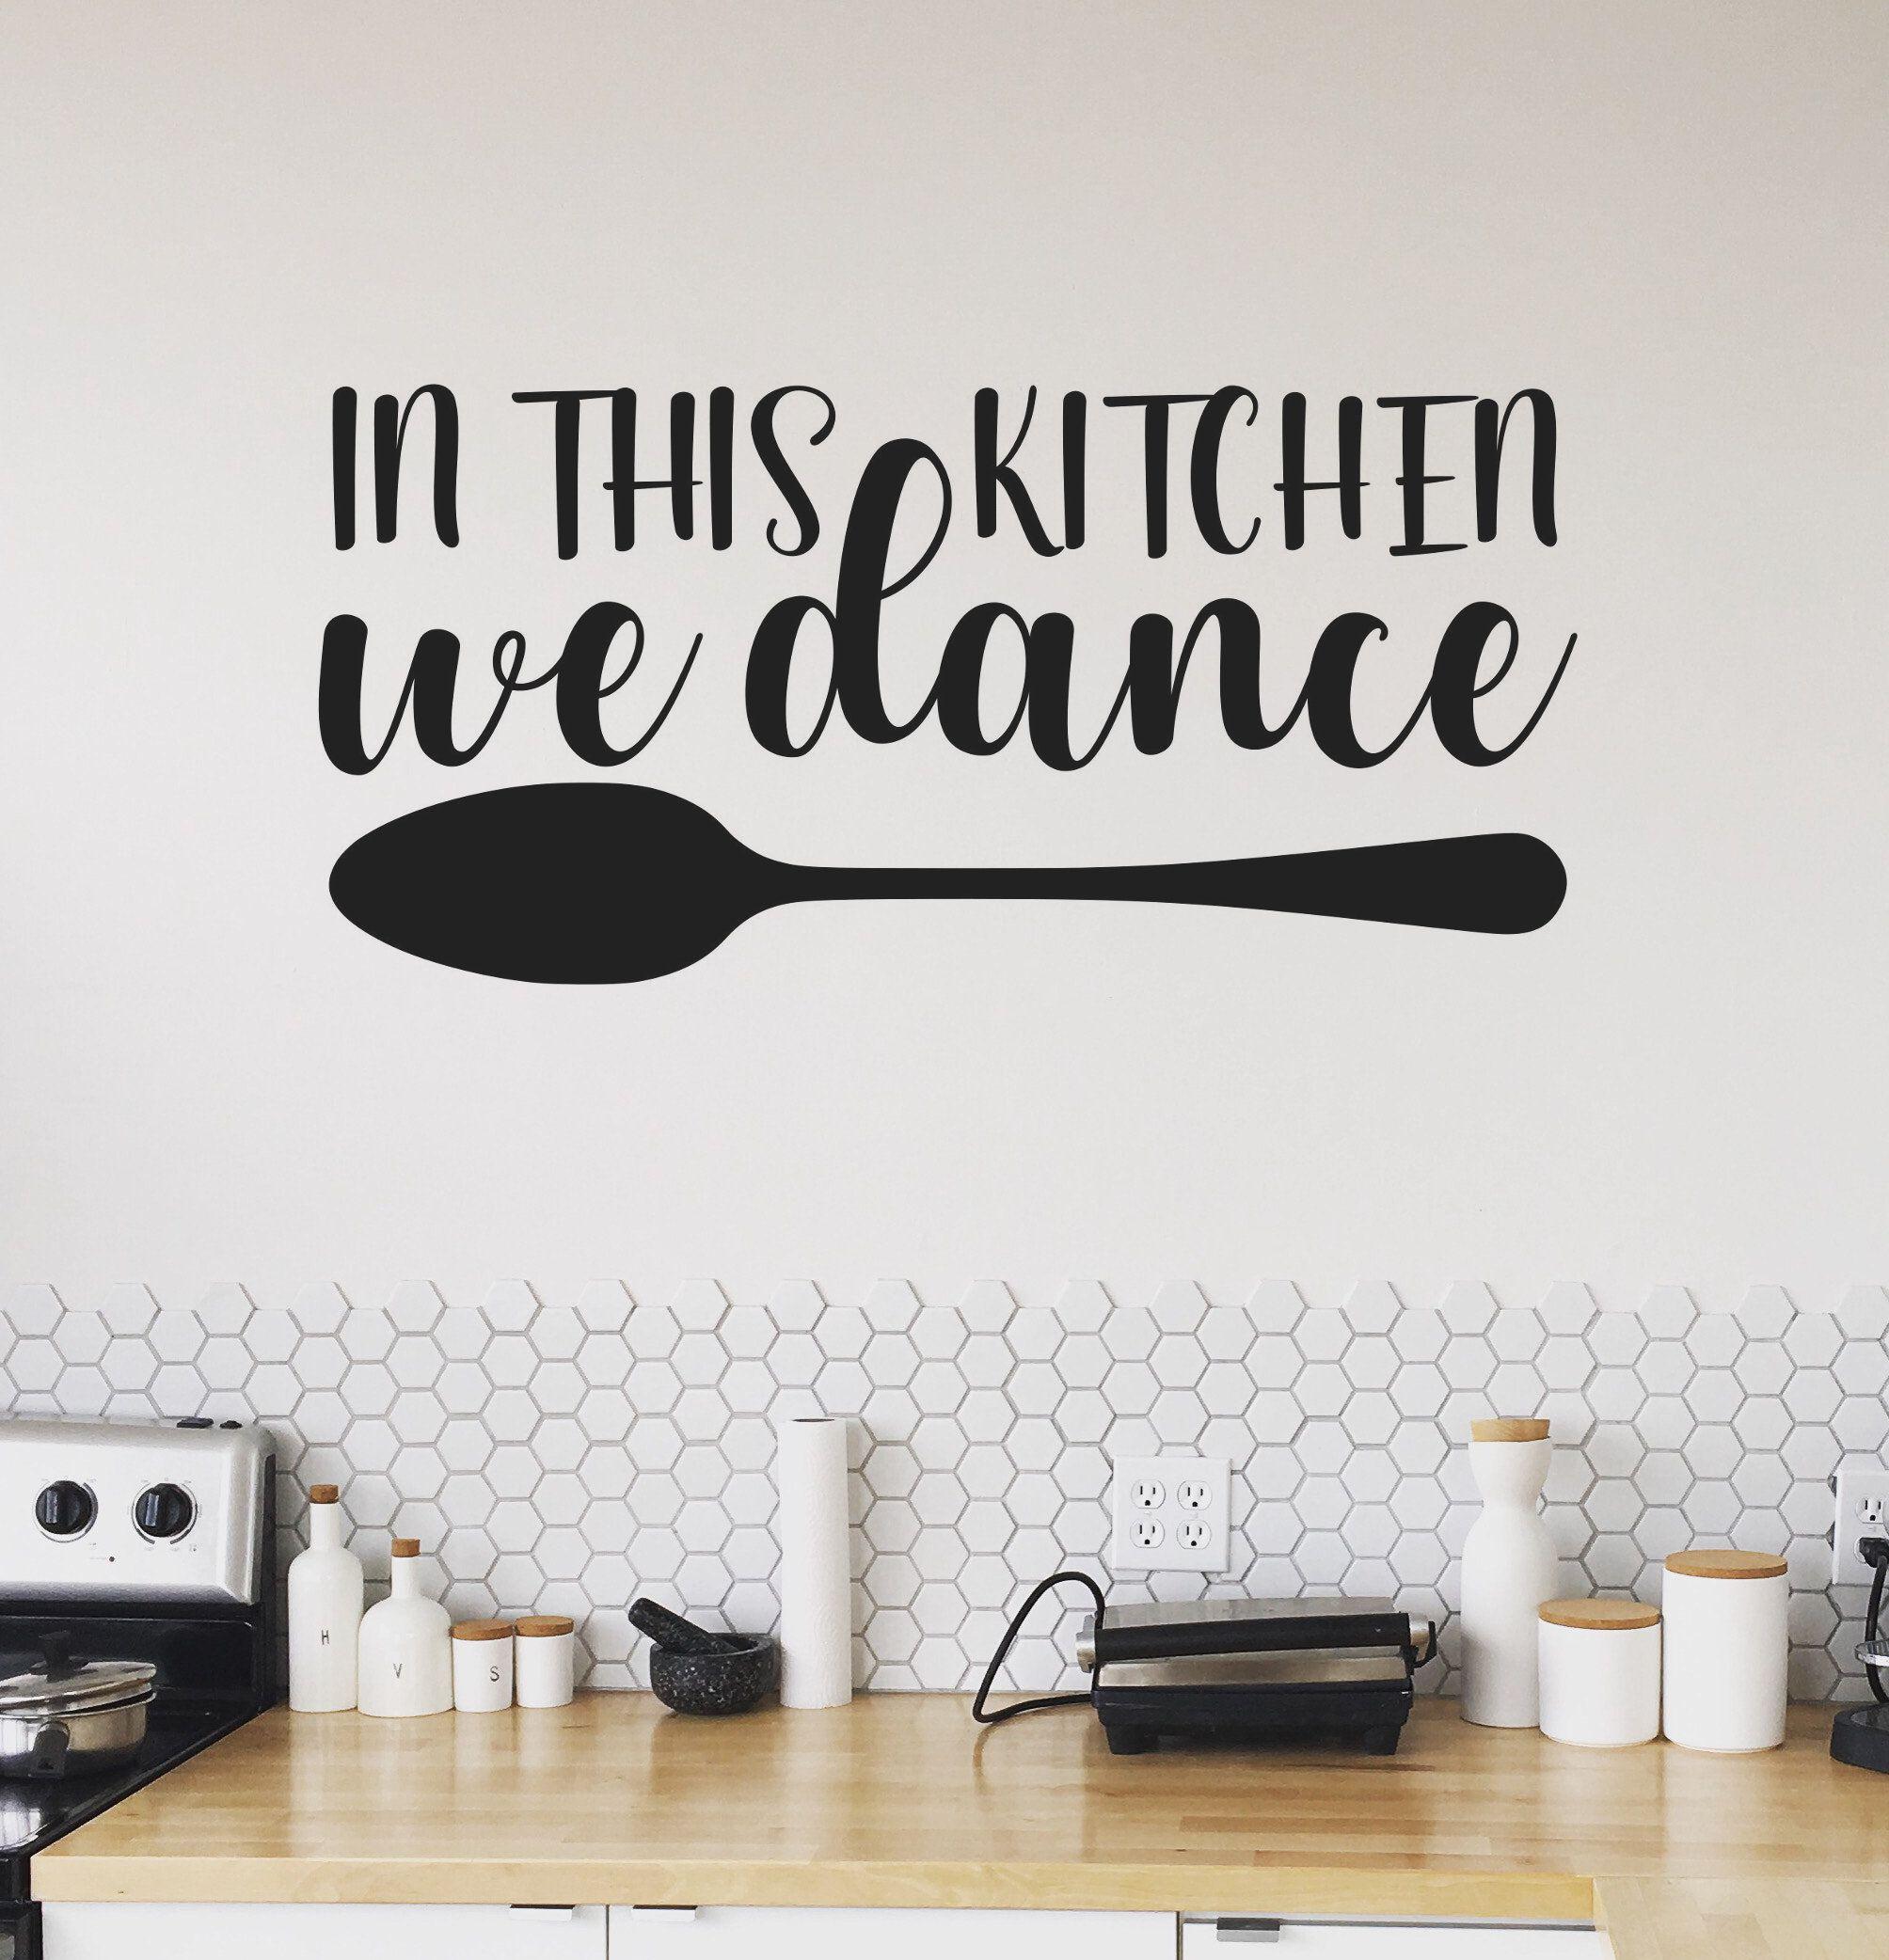 Checkered Kitchen Sign Wall Stickers Vinyl Art Decals